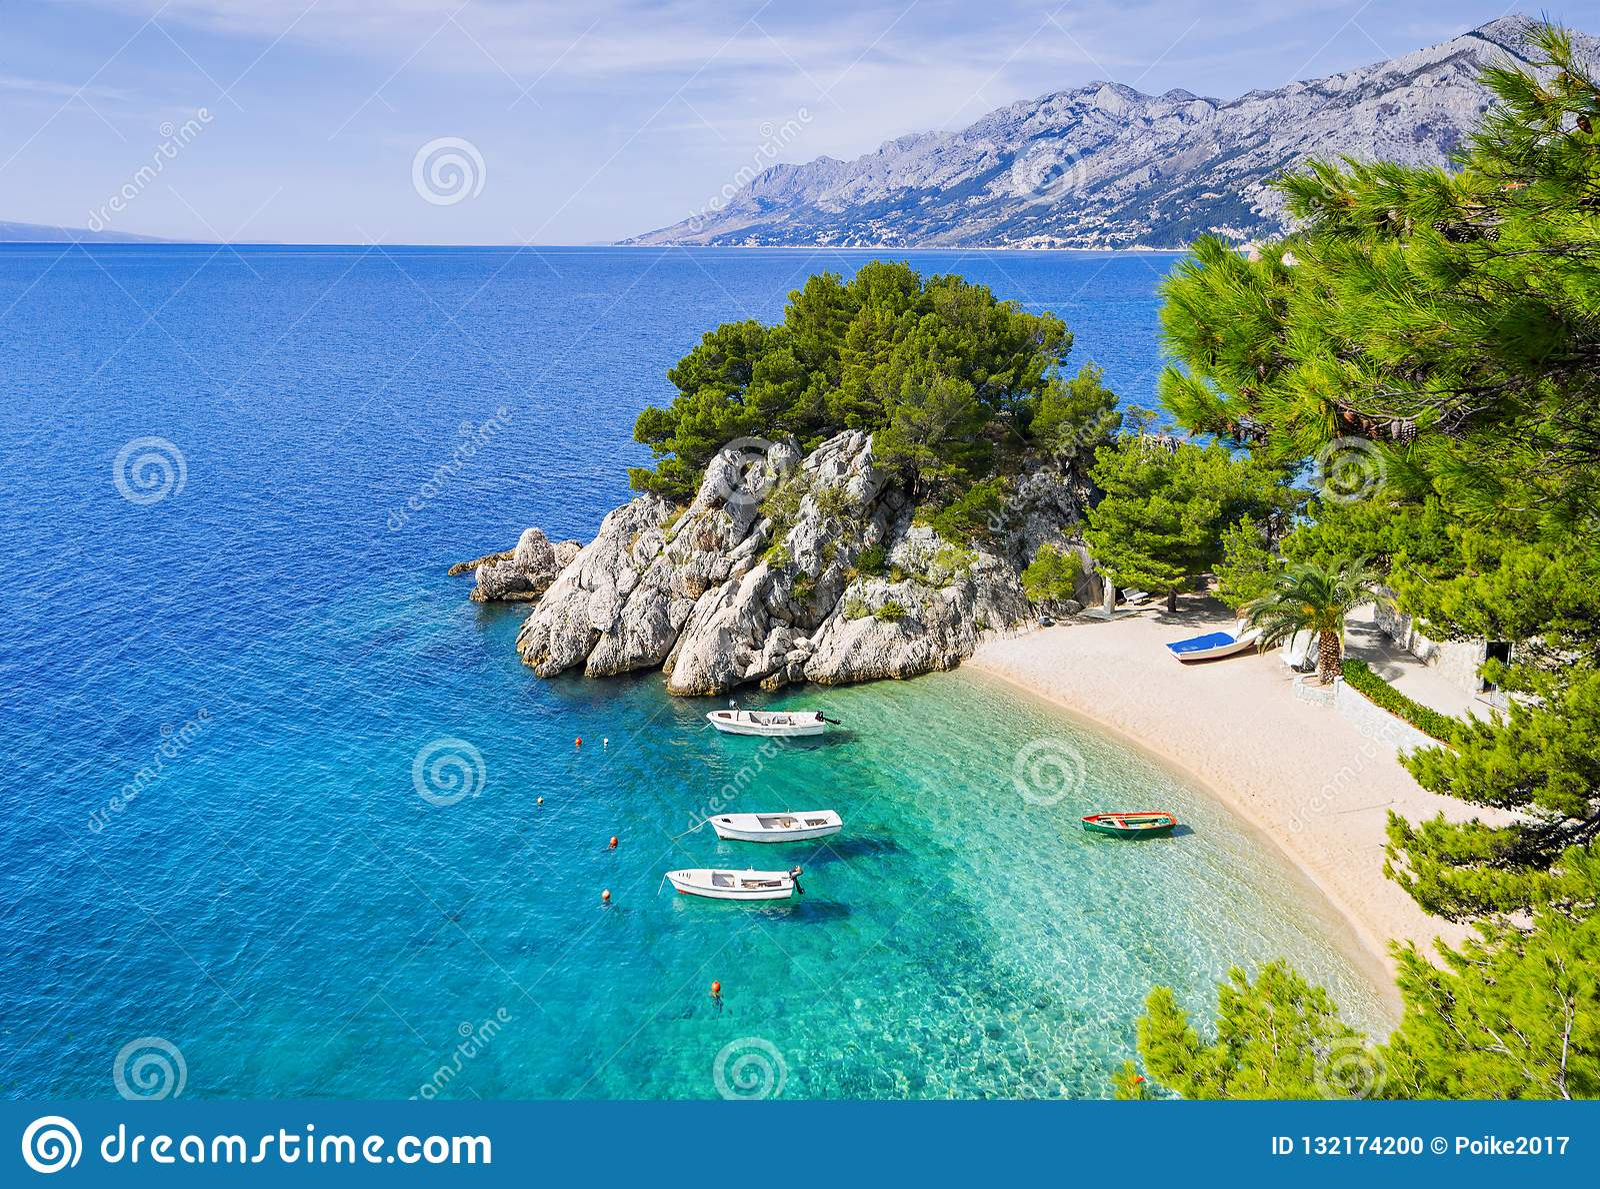 在Brela镇,达尔马提亚,克罗地亚附近的美丽的海滩 马卡尔斯卡里维埃拉,著名地标和旅行旅游目的地在欧洲